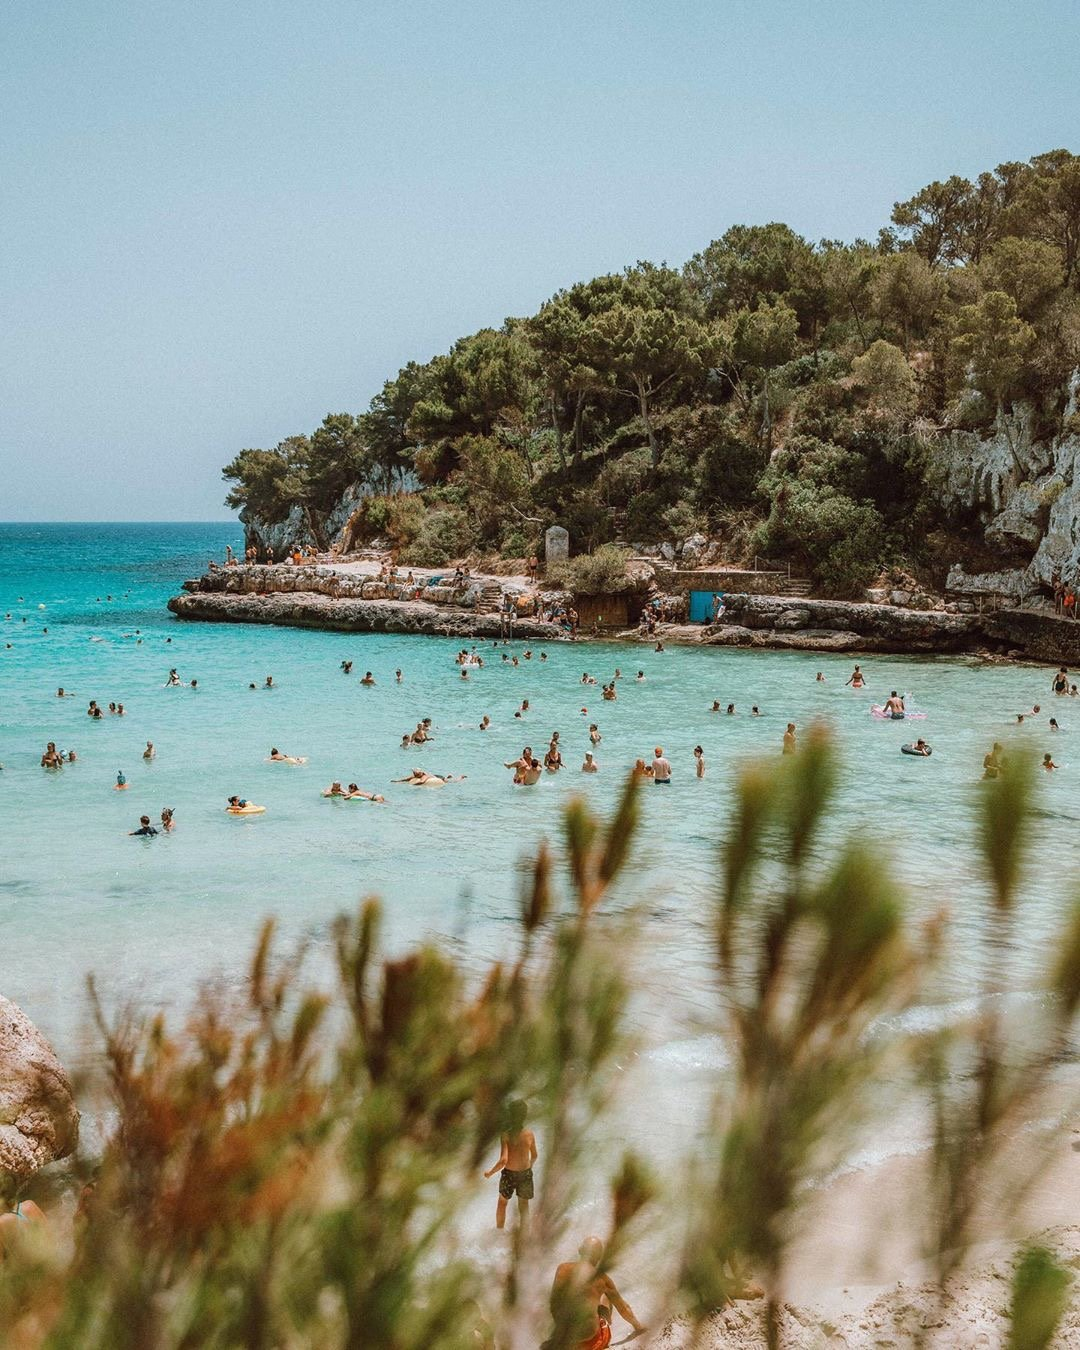 夏日海岛 西班牙马略卡岛